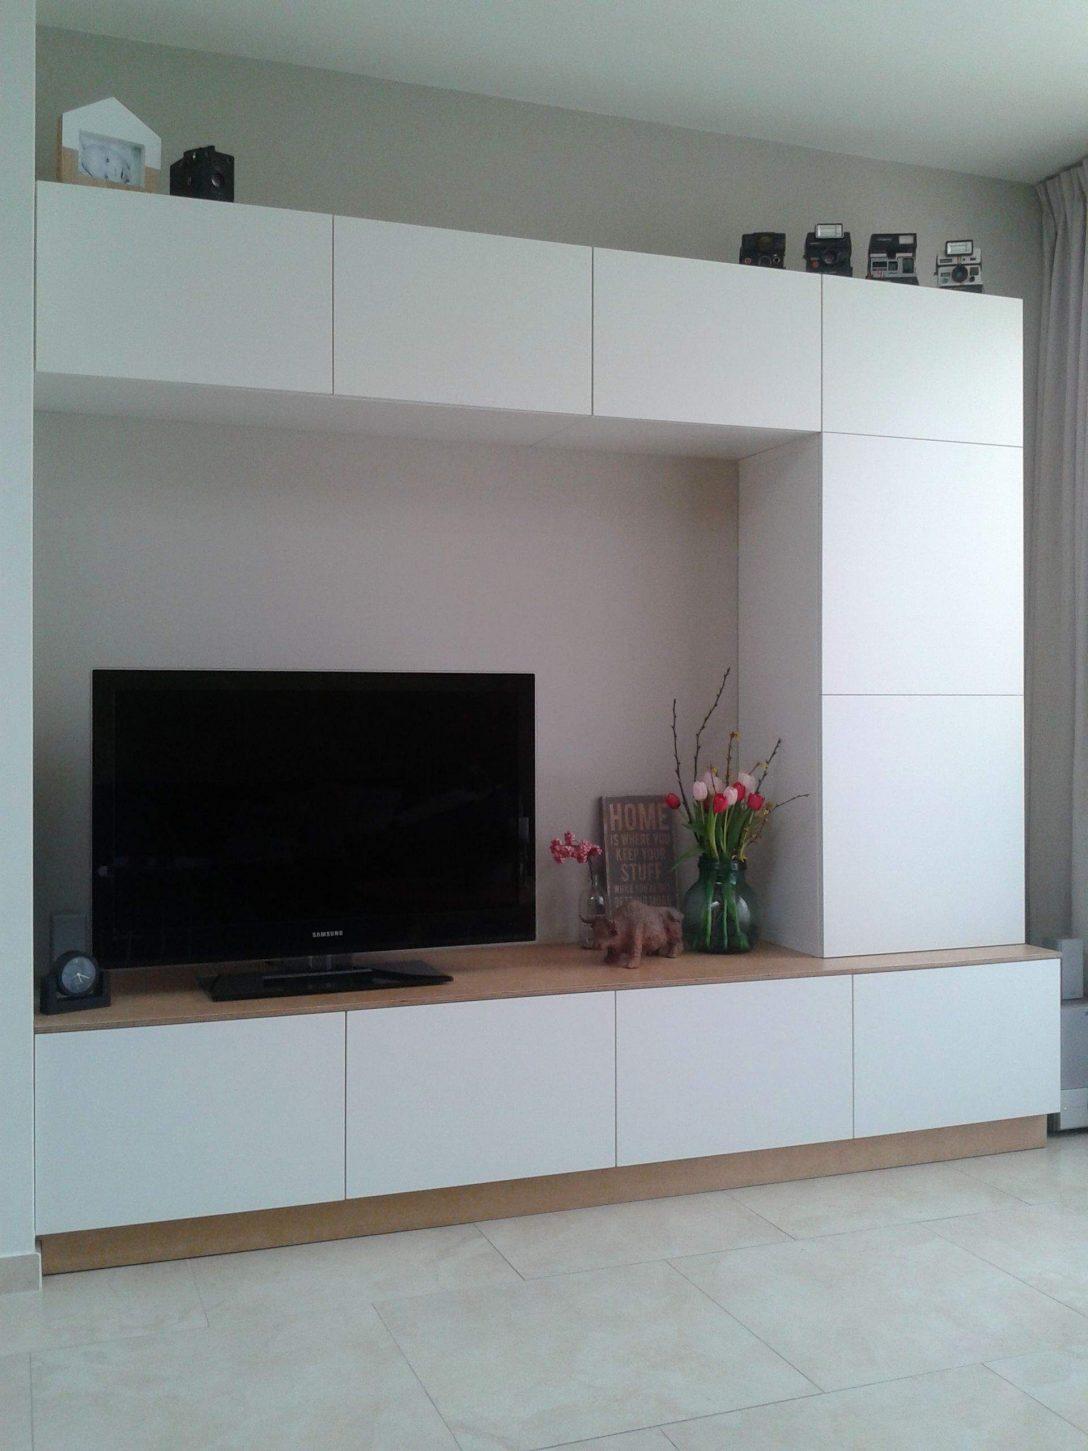 Large Size of Ikea Wohnzimmerschrank Besta Wohnzimmer Luxus Wohnwand Hervorragend Miniküche Betten 160x200 Küche Kosten Modulküche Kaufen Bei Sofa Mit Schlaffunktion Wohnzimmer Ikea Wohnzimmerschrank